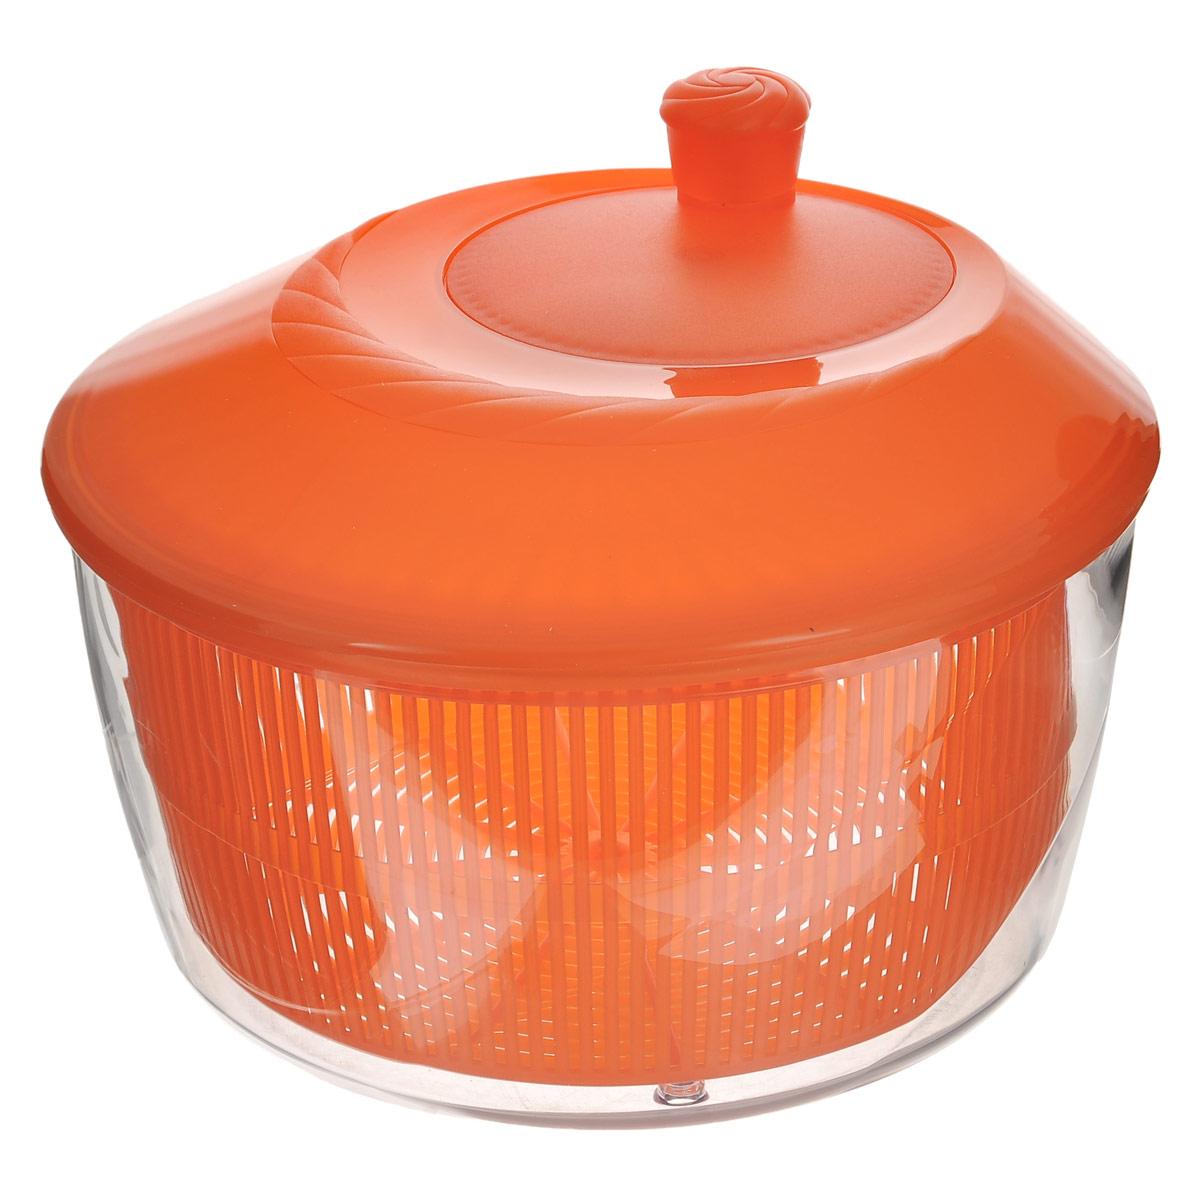 Сушилка для зелени Cosmoplast, цвет: оранжевый, 4,2 л2519_оранжевыйСушилка для зелени Cosmoplast, выполненная из пищевого пластика, состоит из прозрачной емкости, сита и крышки с кнопкой. С ее помощью можно просушивать зелень, салаты и многое другое. Вращением ручки на крышке приводится в действие вращательный механизм, и лишняя влага оседает внизу. Сушилка достаточно вместительная, что позволит ваш просушить сразу весь уже нарезанный салат. Сушилка легко моется и разбирается, что гарантирует максимальную гигиену. Эффект антискольжения обеспечивают удобные ножки и ручка вращения. Функциональность, прочность и универсальность сделают такую сушилку незаменимым аксессуаром для приготовления ваших любимых блюд.Объем: 4,2 л. Диаметр (по верхнему краю): 26 см. Высота (без учета крышки): 13 см. Высота (с учетом крышки): 18 см.